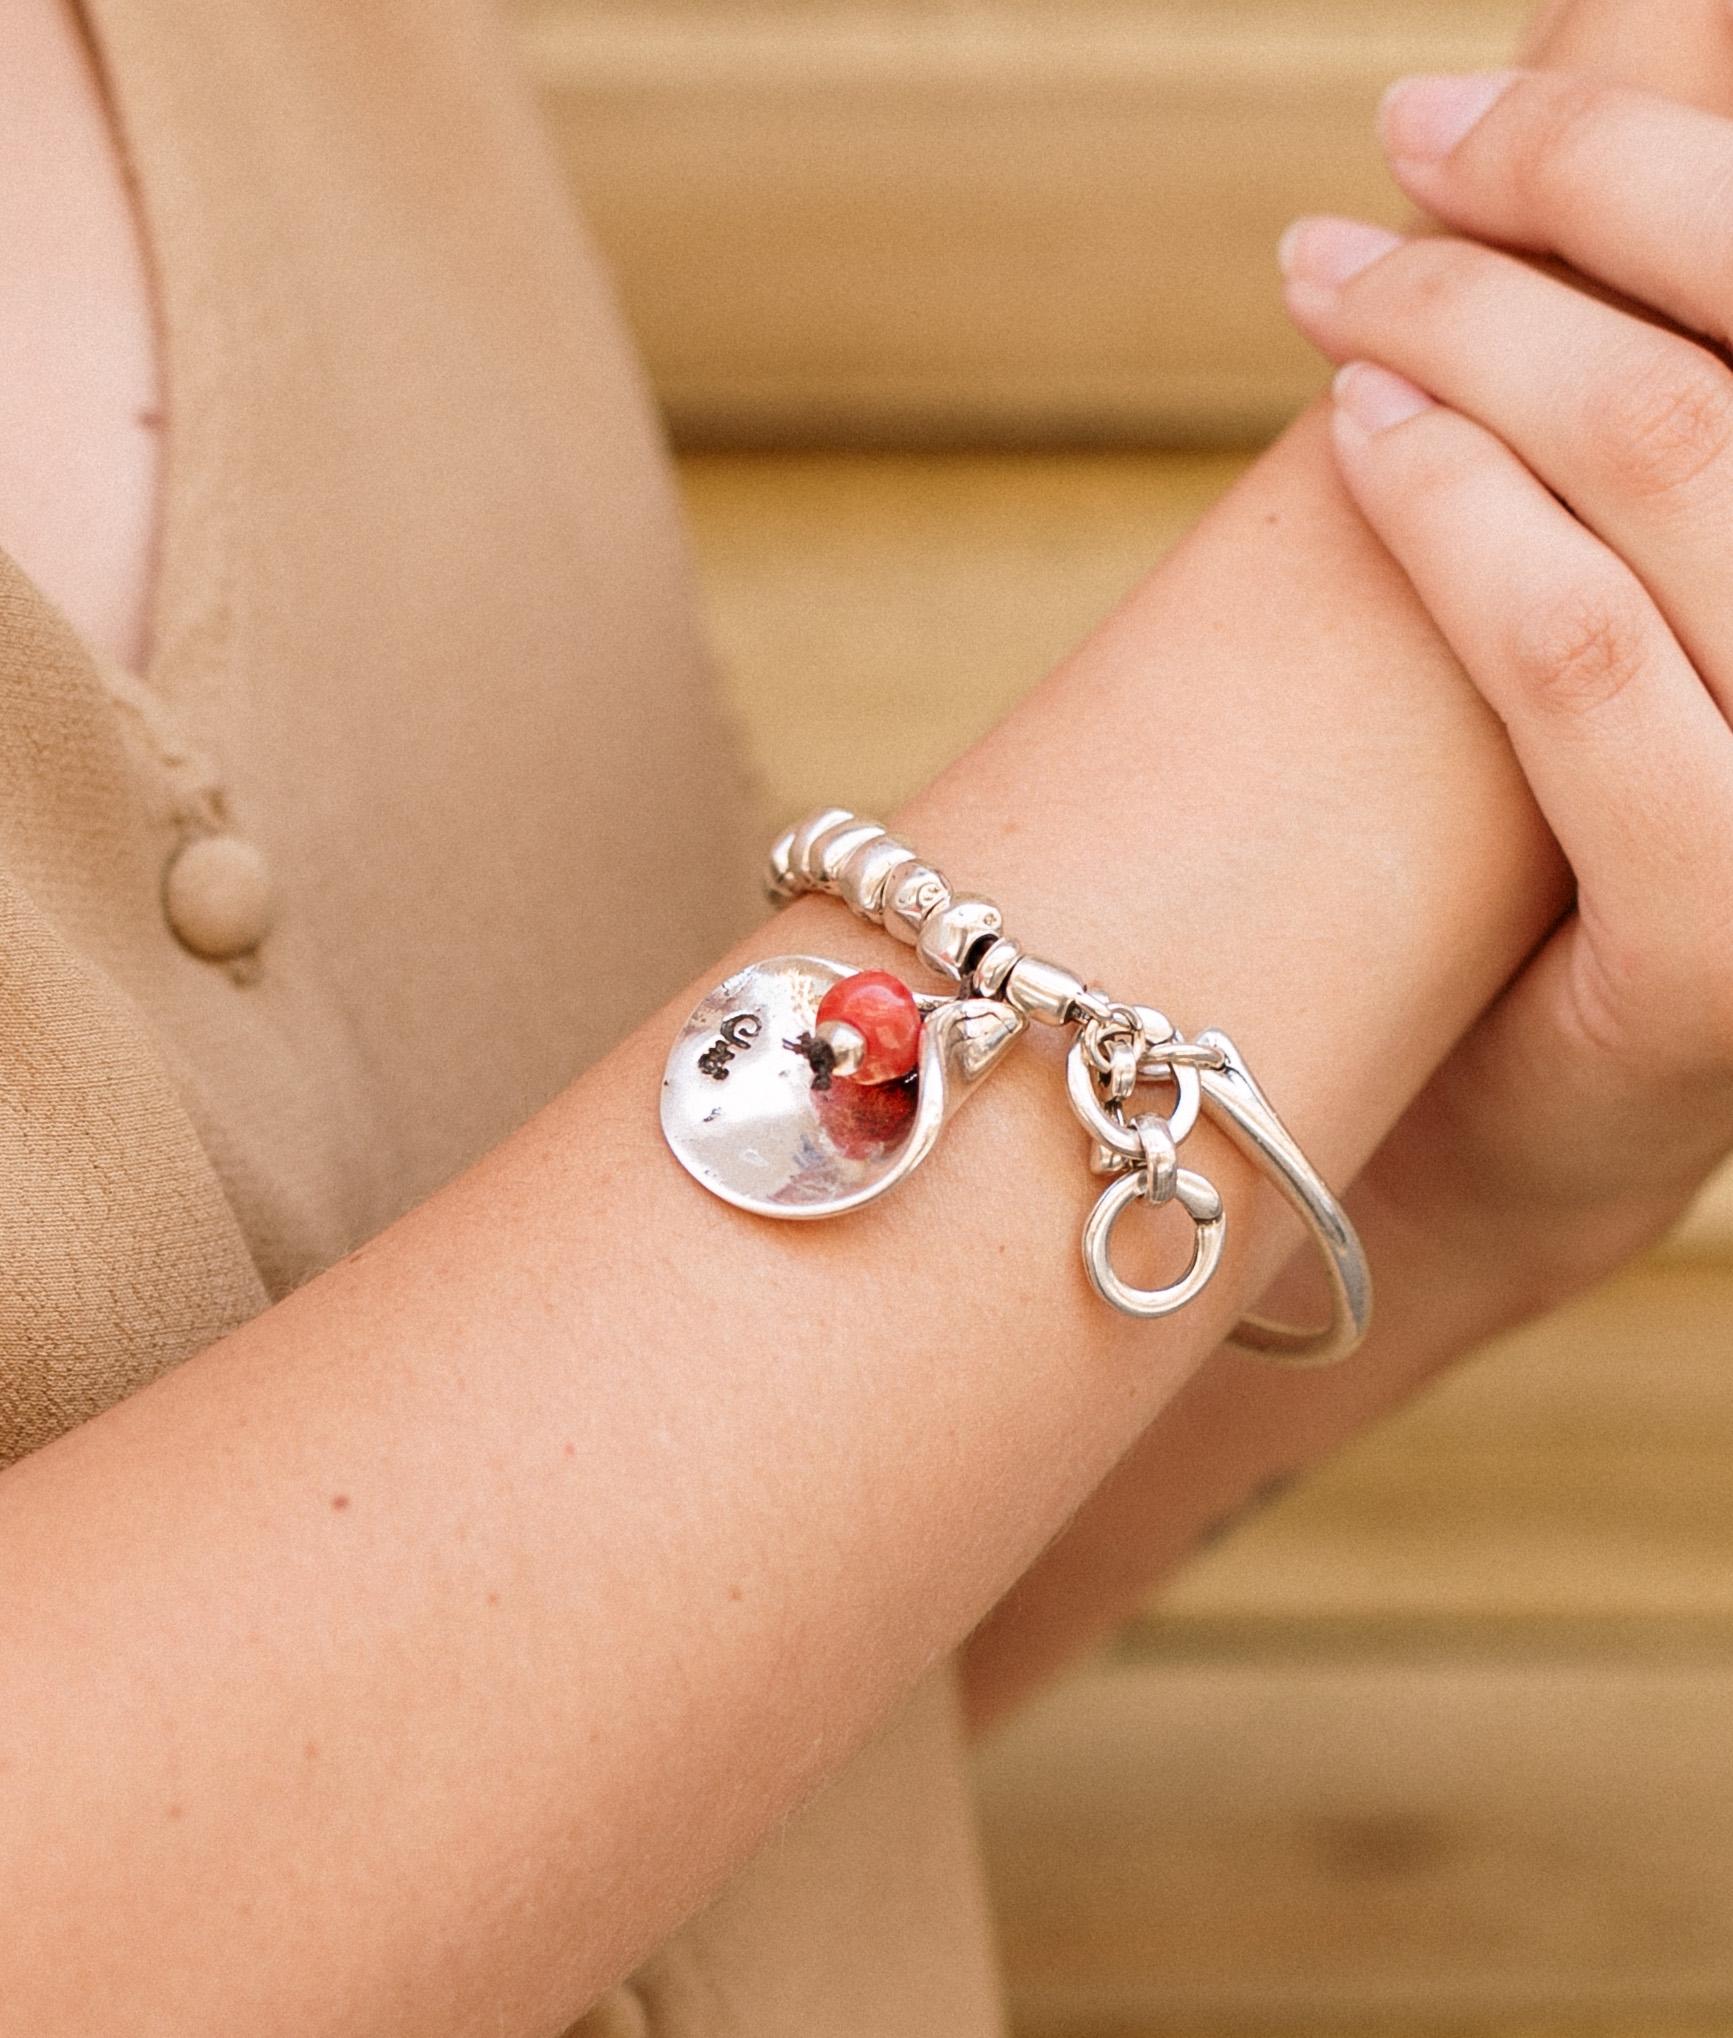 Bracelet de Flor en Flor - Red